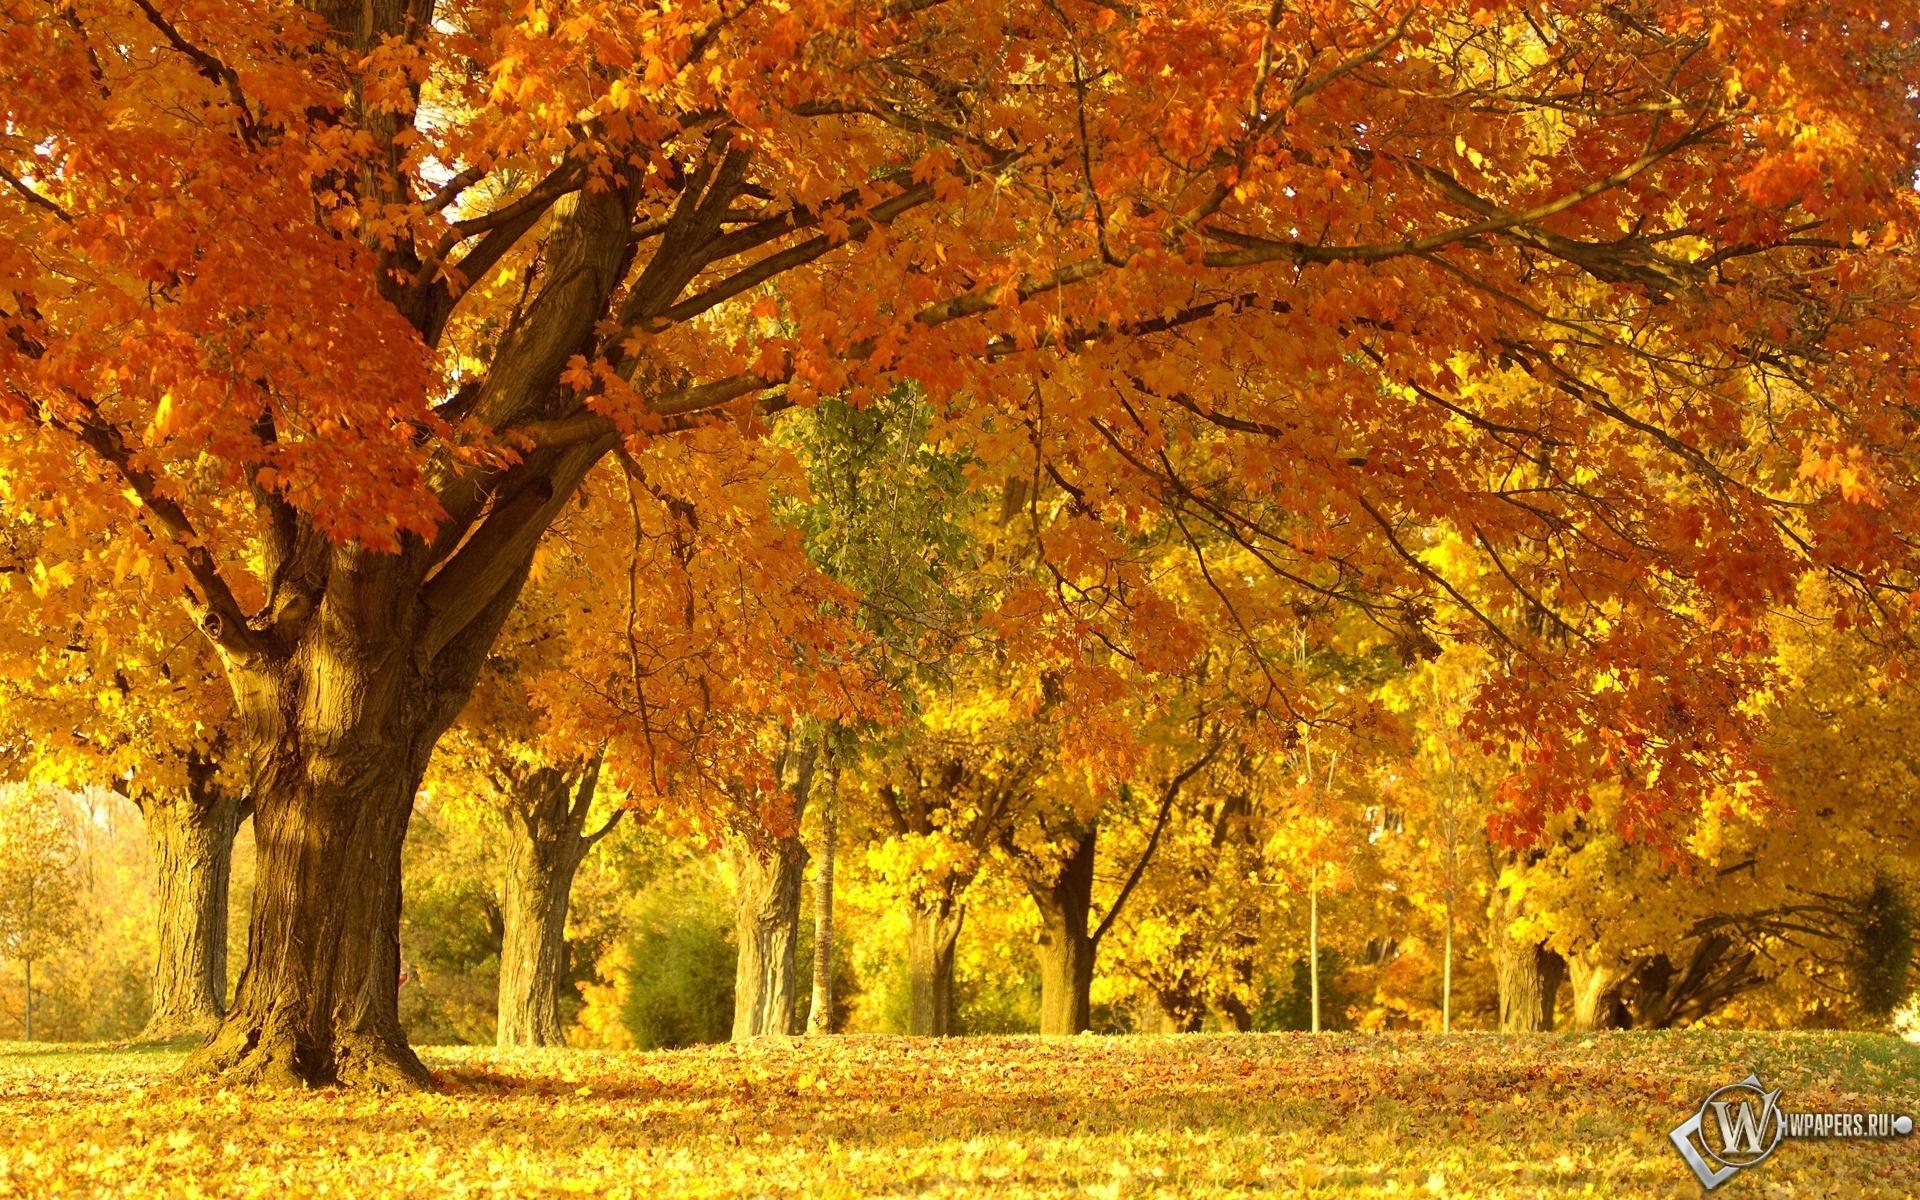 Осенняя аллея 1920x1200